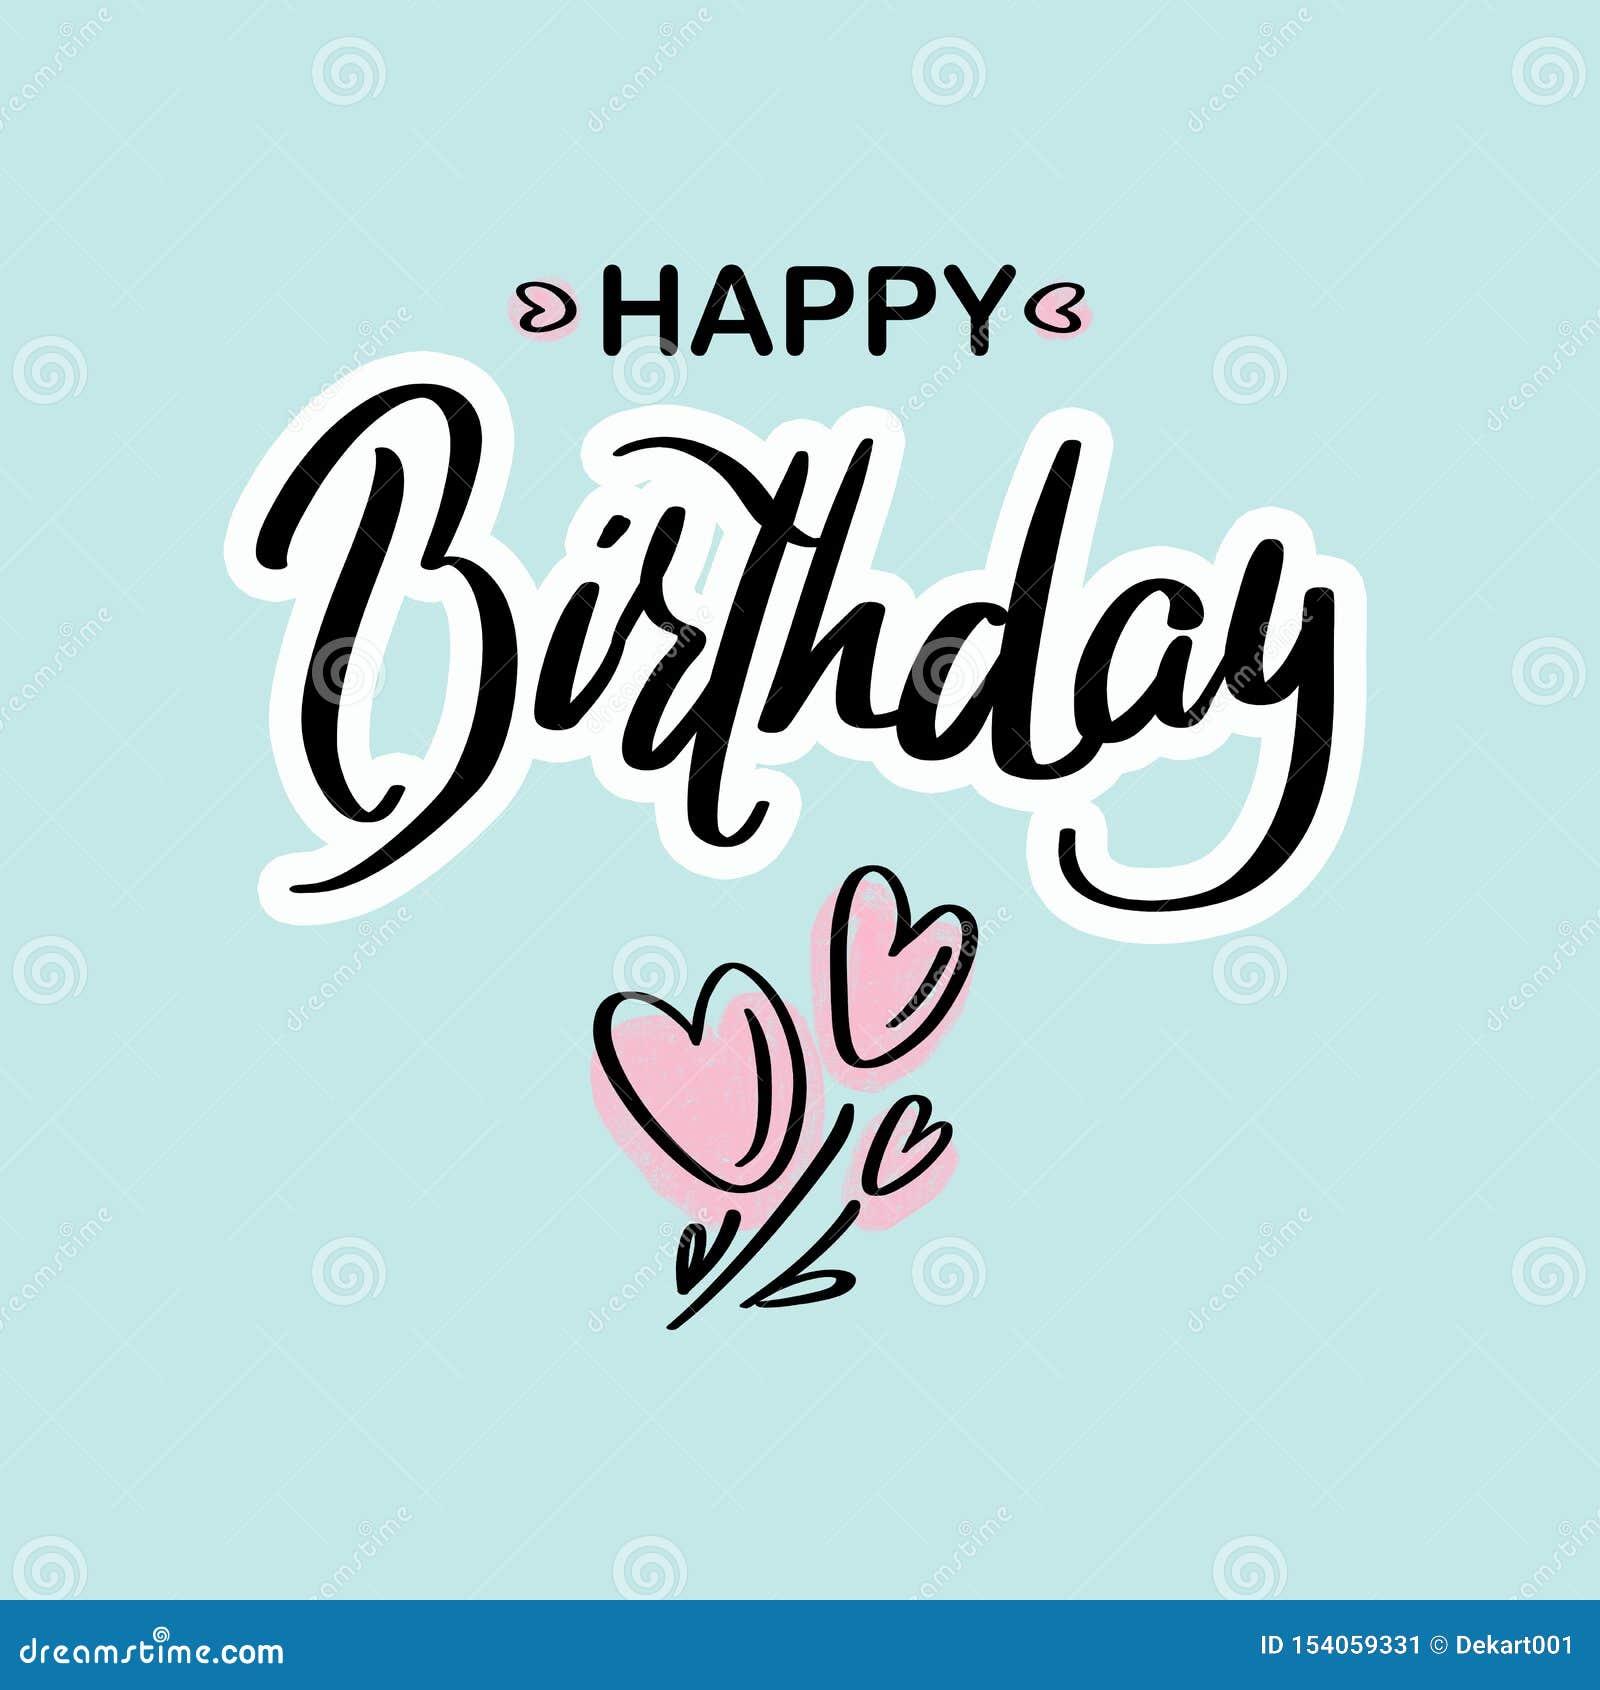 Alles Gute zum Geburtstag Schwarze Textbeschriftung der schönen Grußkarten-Kalligraphie mit rosa Herzen auf dem grünen Hintergrun